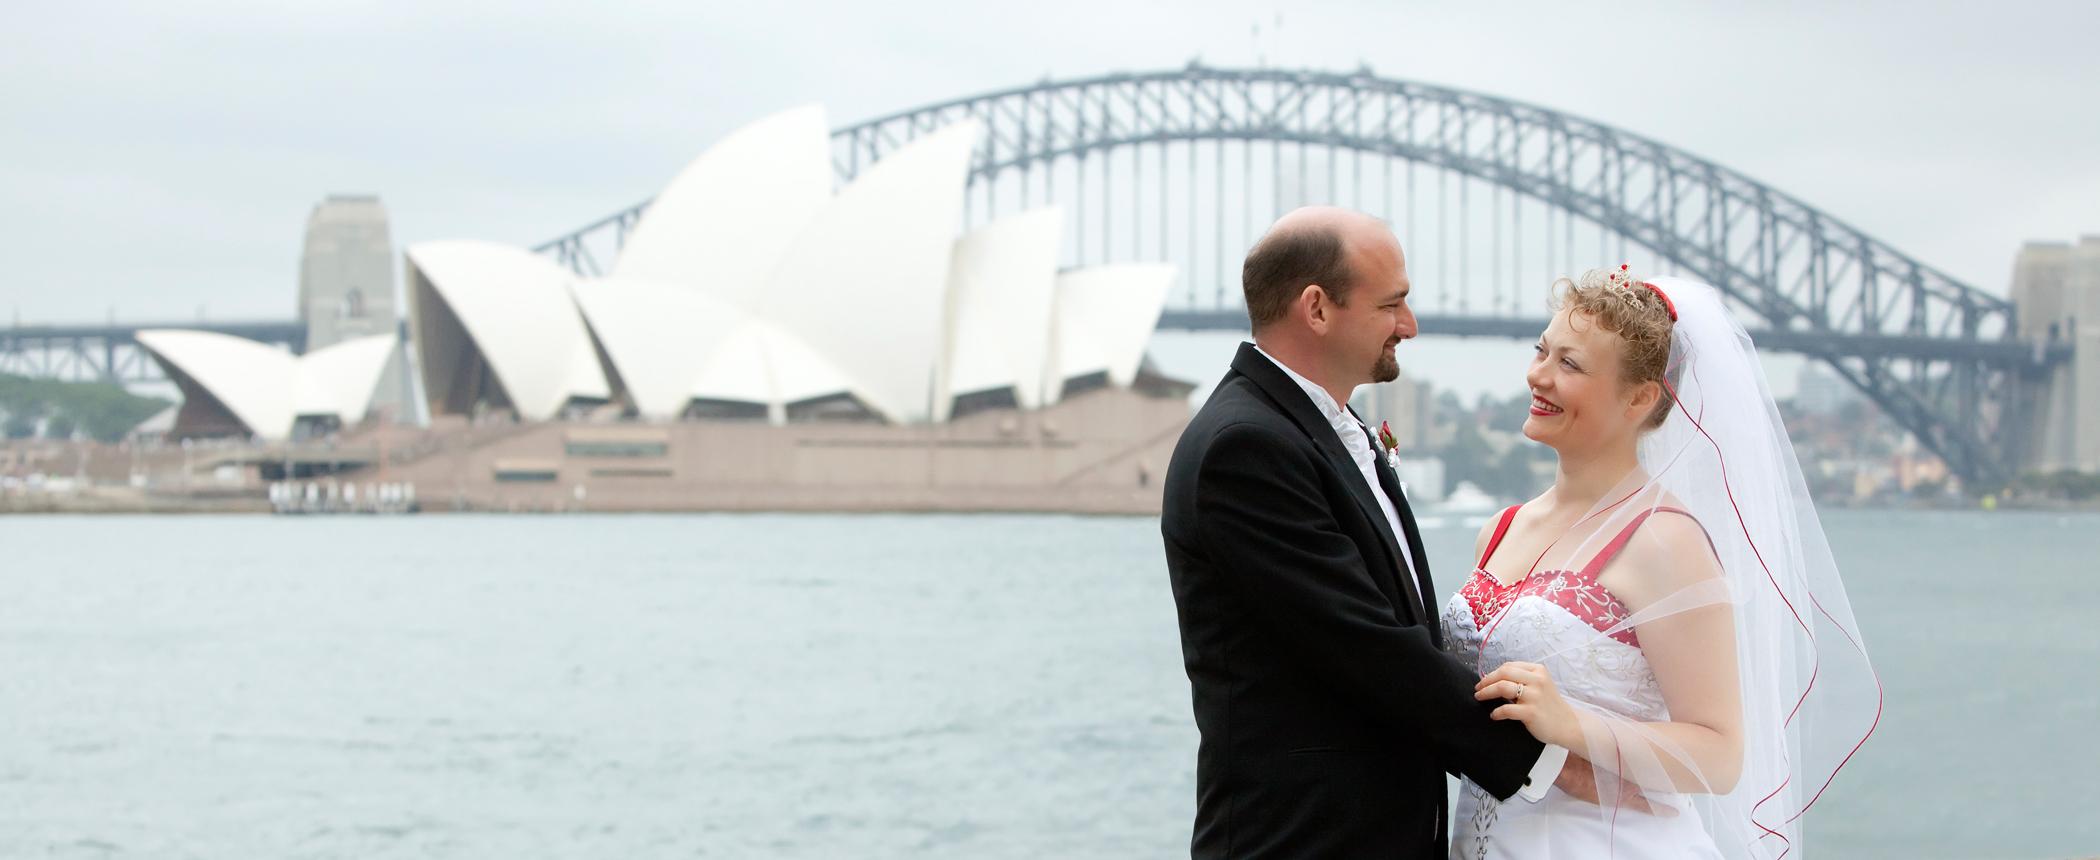 wedding-photography-Sydney-Australia-Sydney-Opera-House_09.jpg